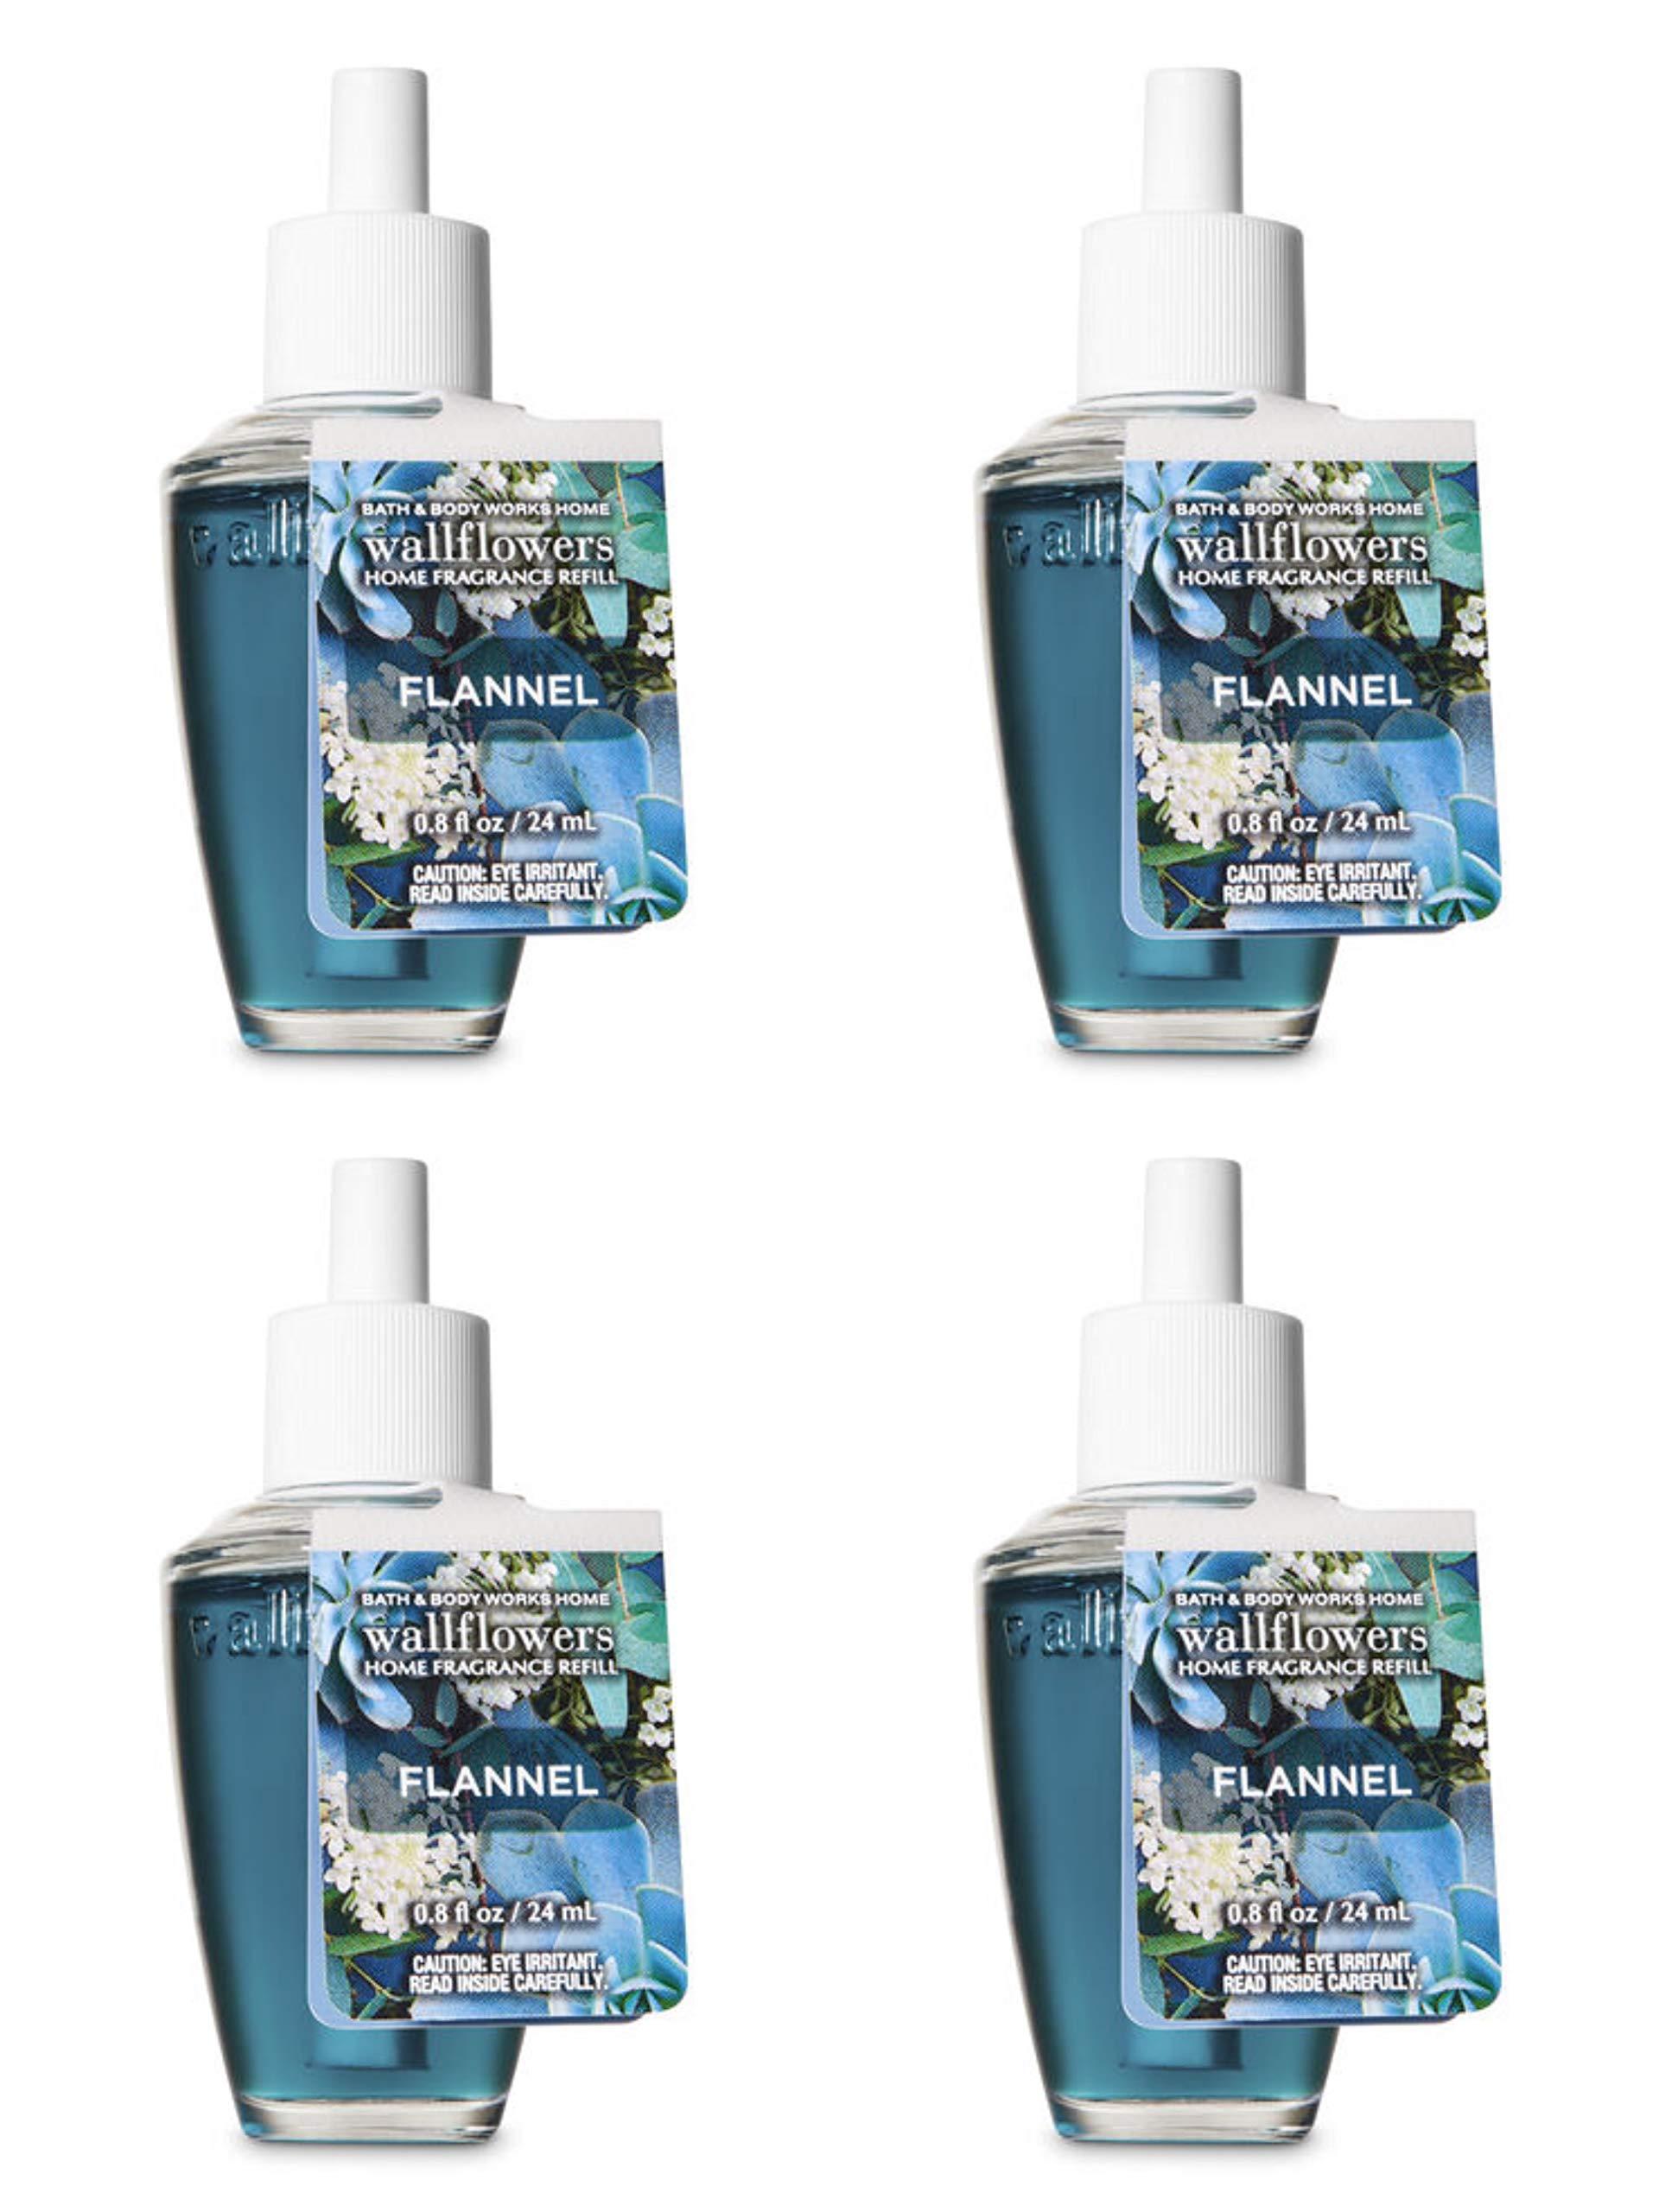 Bath and Body Works Flannel Wallflowers Fragrance Refill. 0.8 Oz. by Bath & Body Works